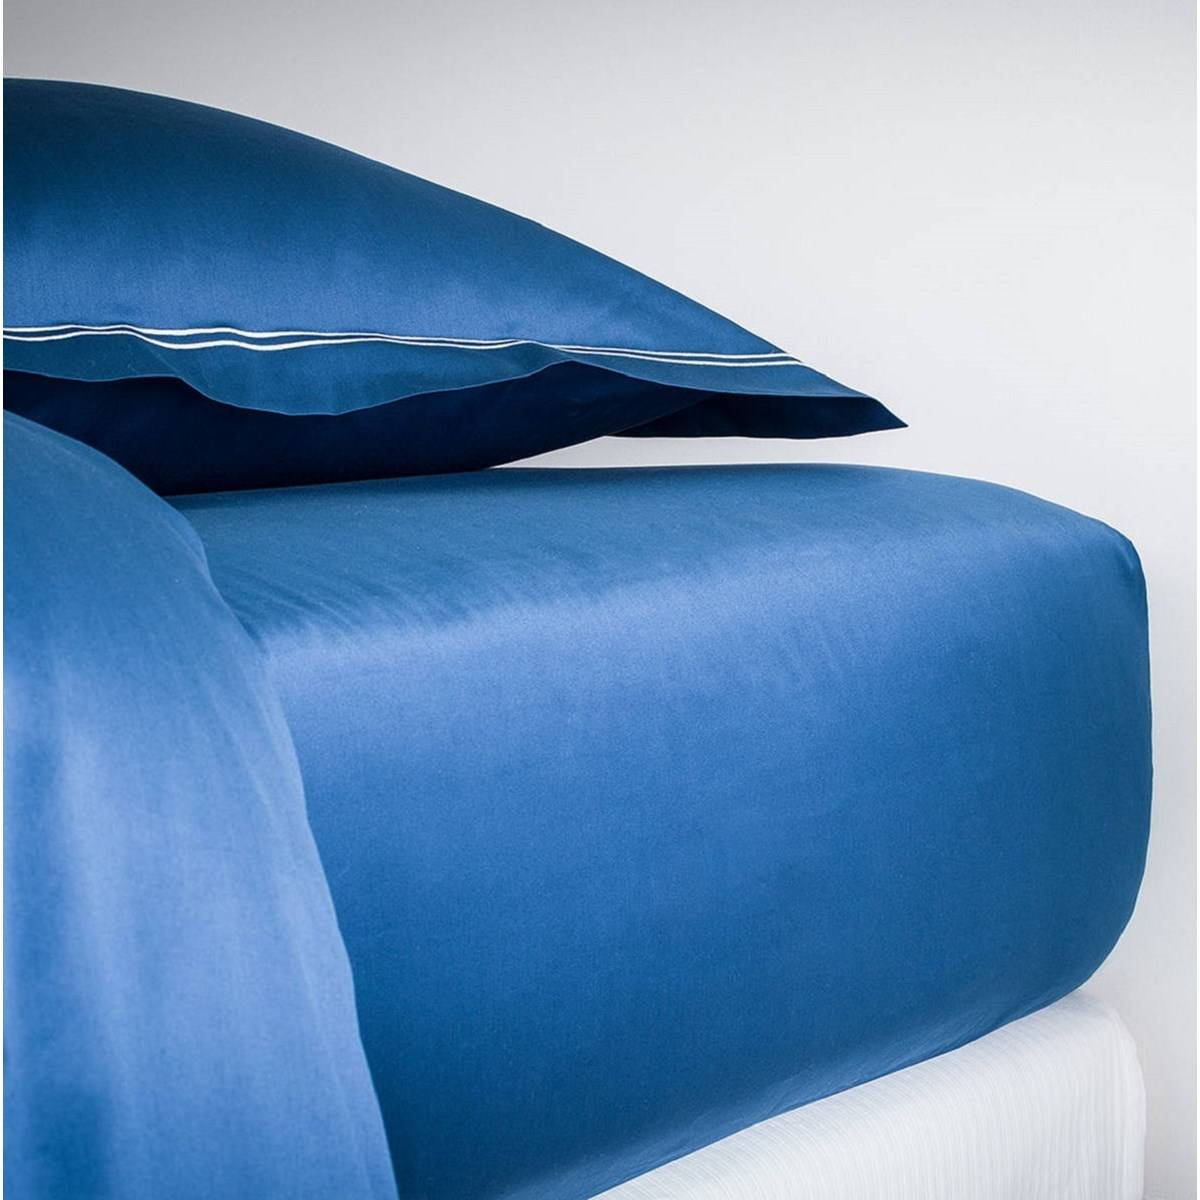 MPC Maison Drap housse luxe en Satin de coton Bleu 200x200 cm